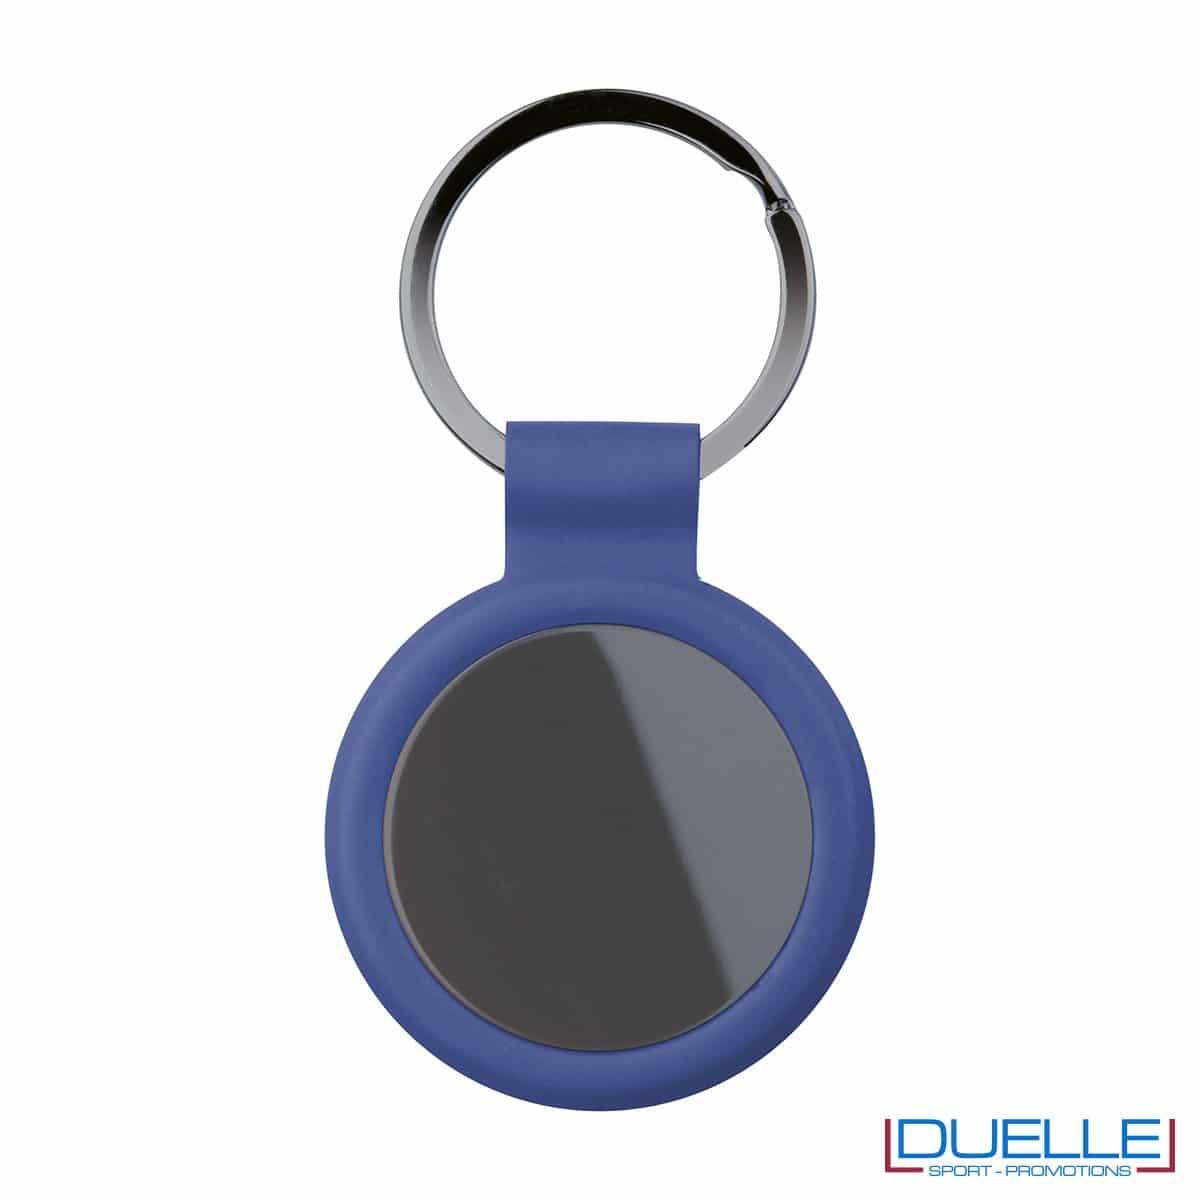 portachiavi personalizzato circolare in metallo gun metal con profilo blu